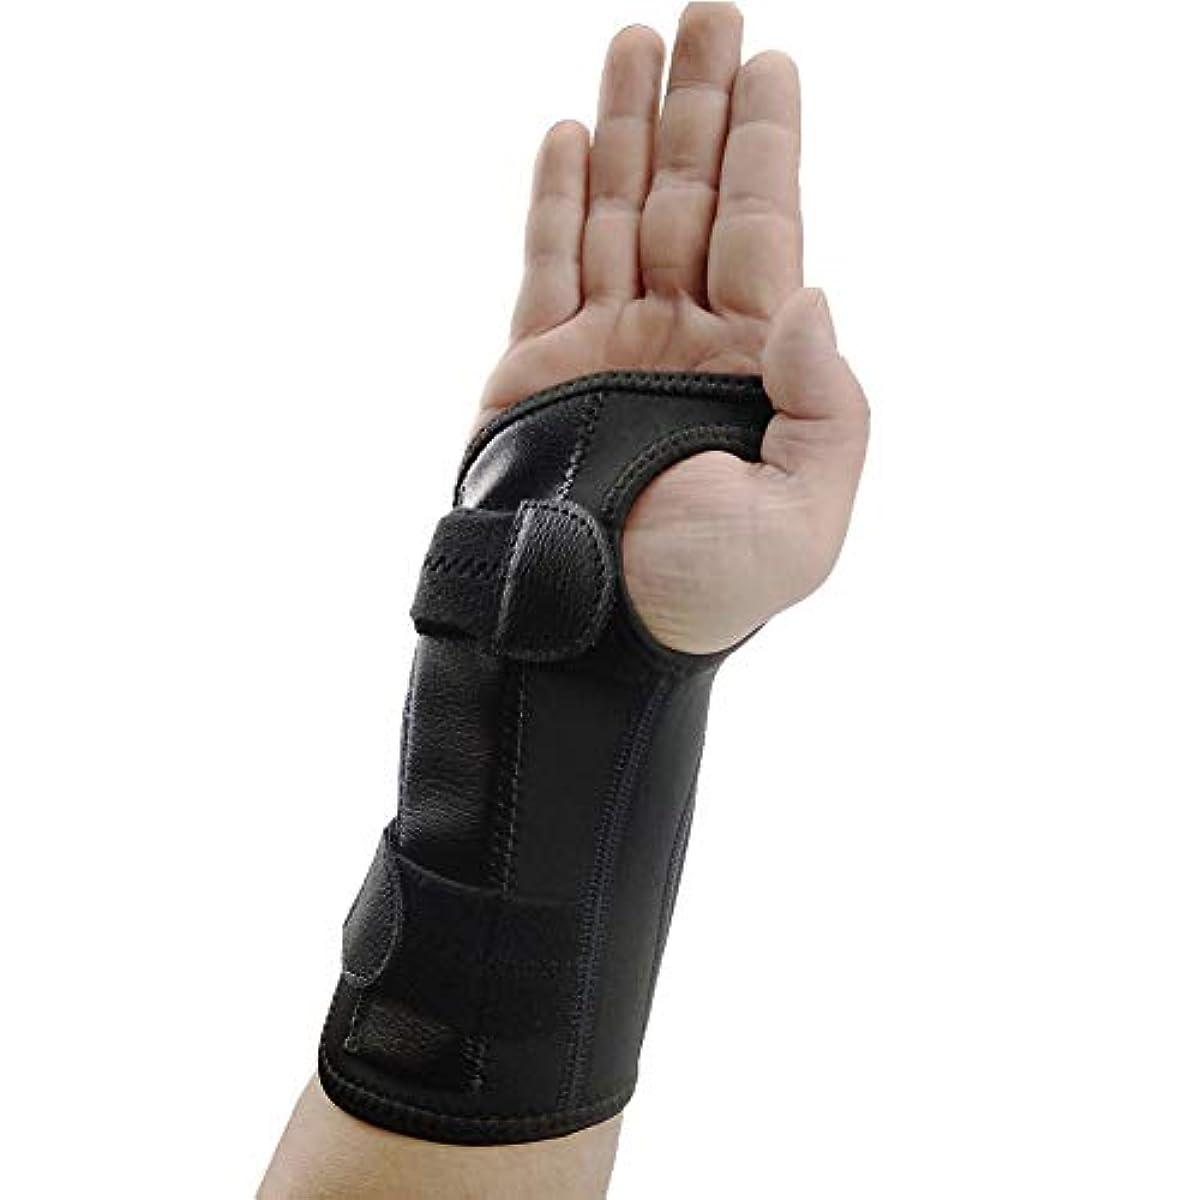 内なる卑しい甘くする腱炎、関節炎、捻挫&破壊前腕サポートキャストのための手首の親指スプリント、スタビライザーのための親指のスプリントと手首ブレース